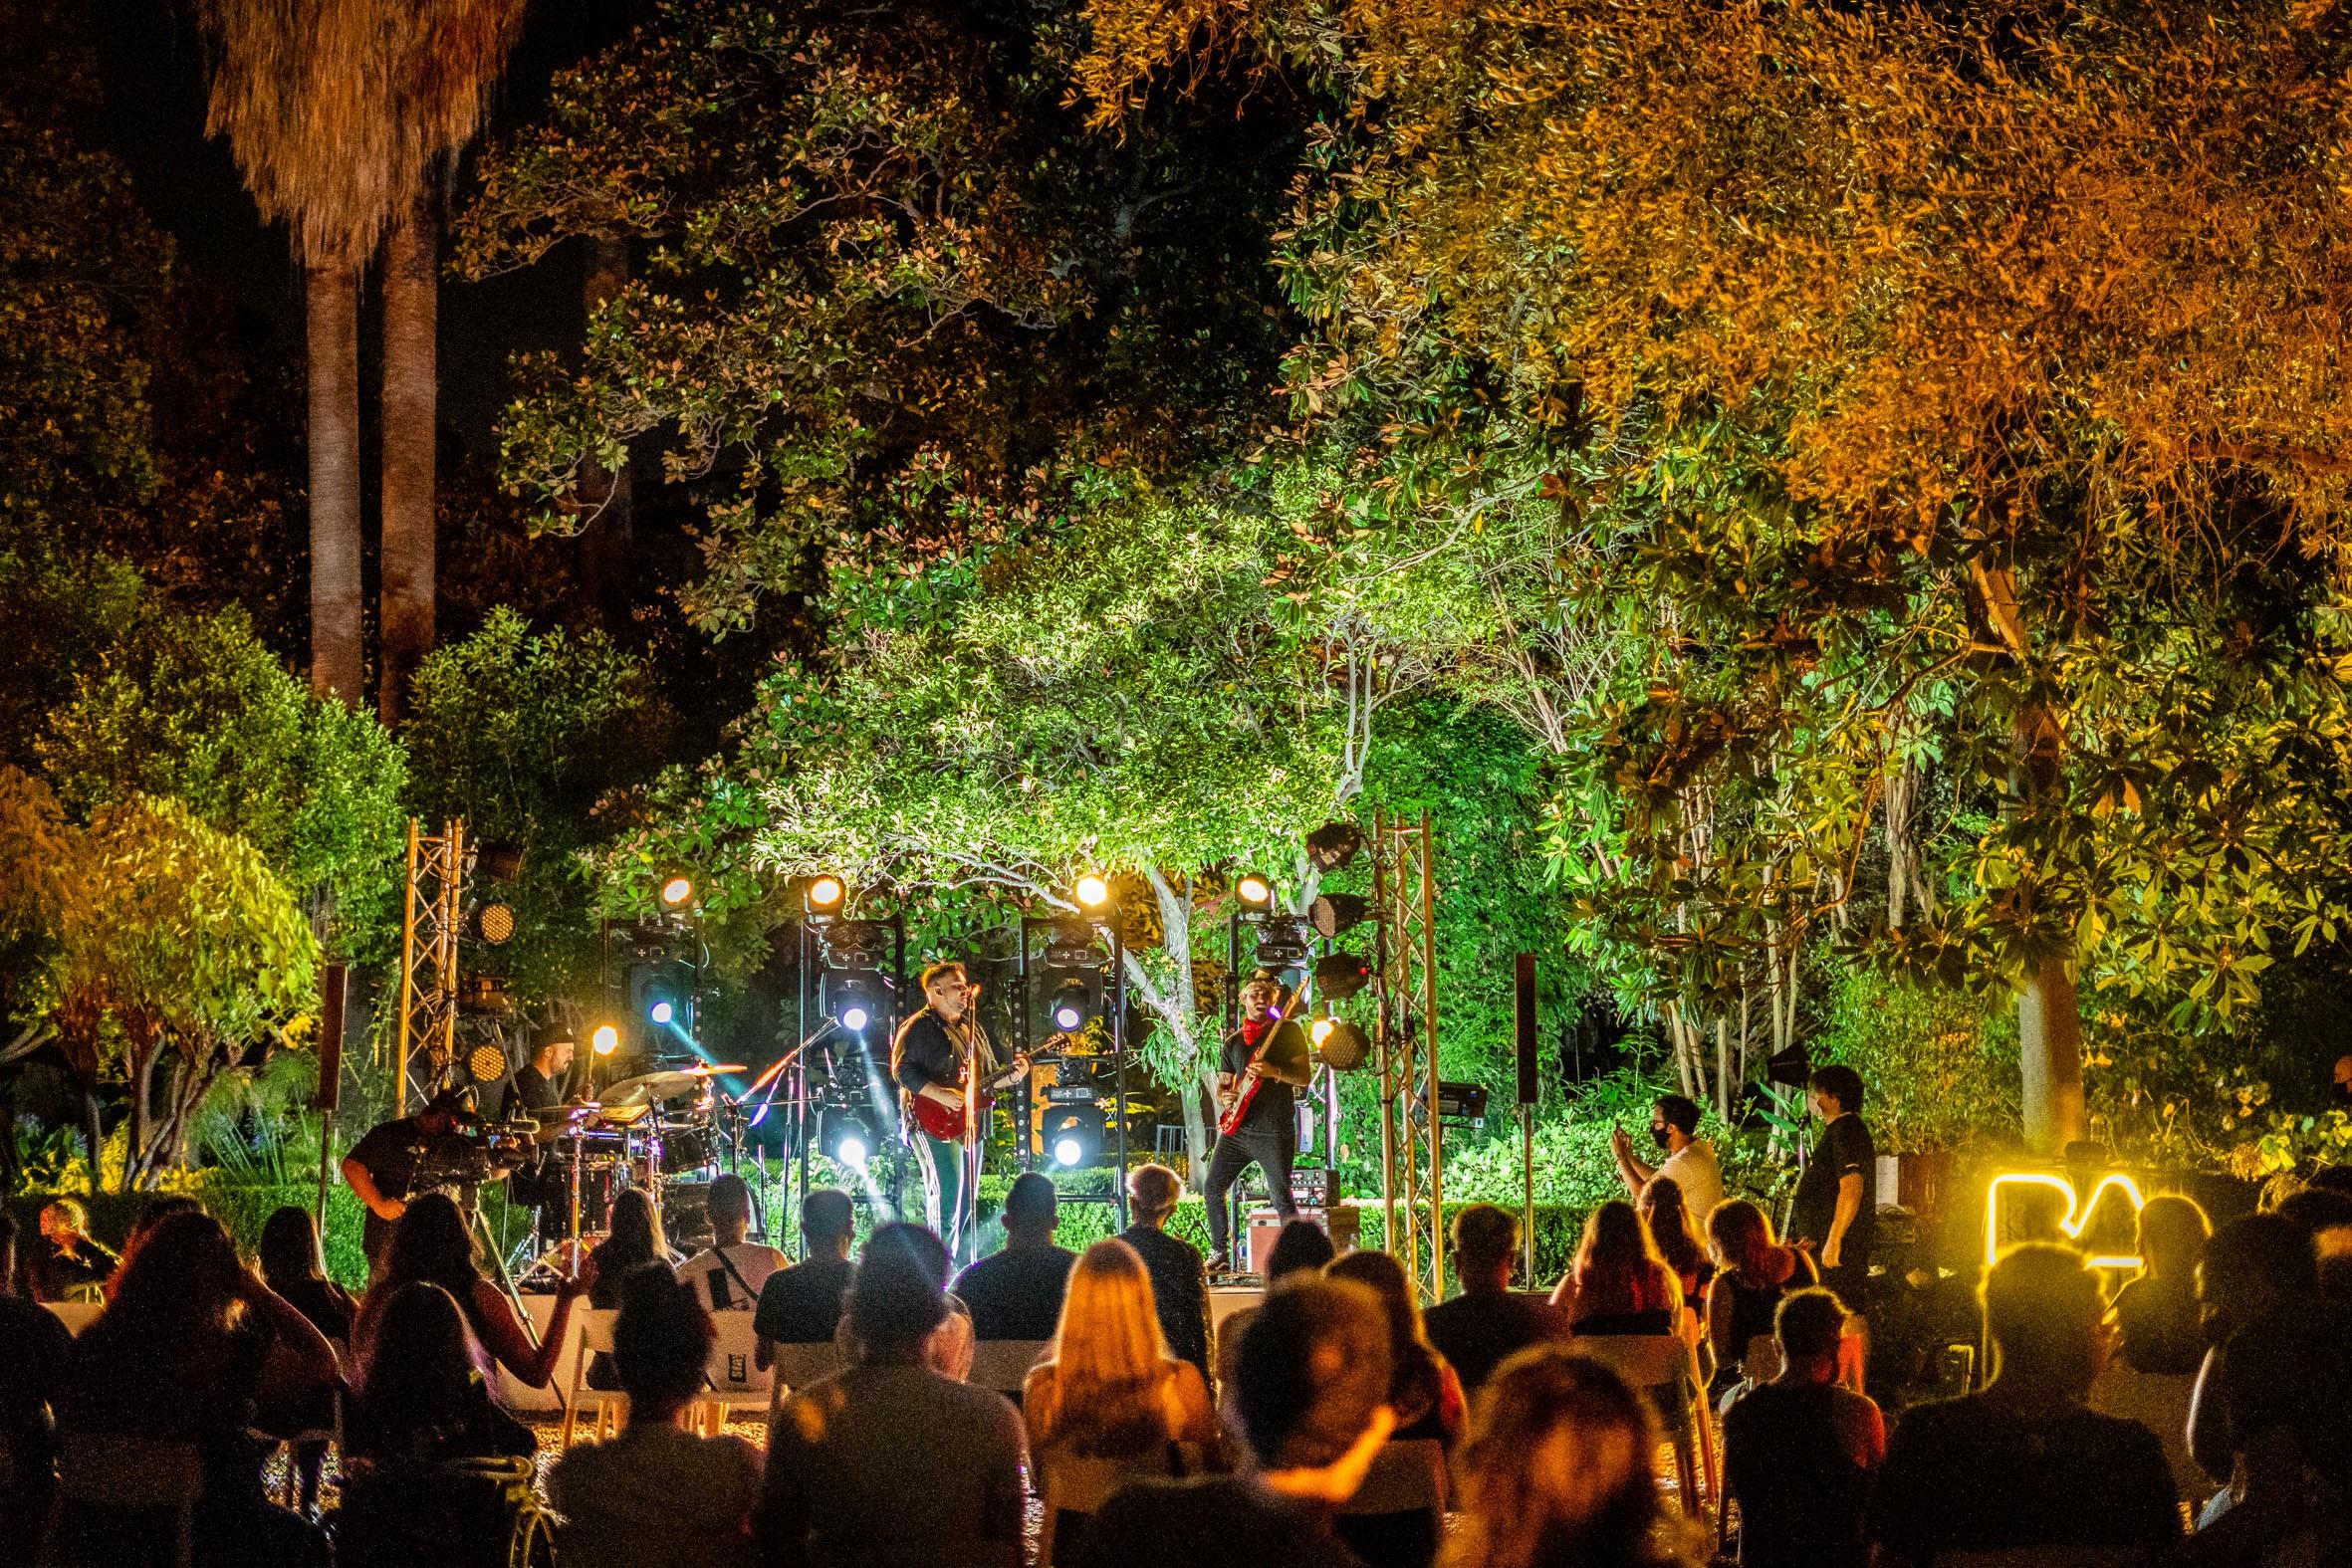 Jardines culturales en los Museos de la Ciudad |Música y teatro gratuito para todas las edades